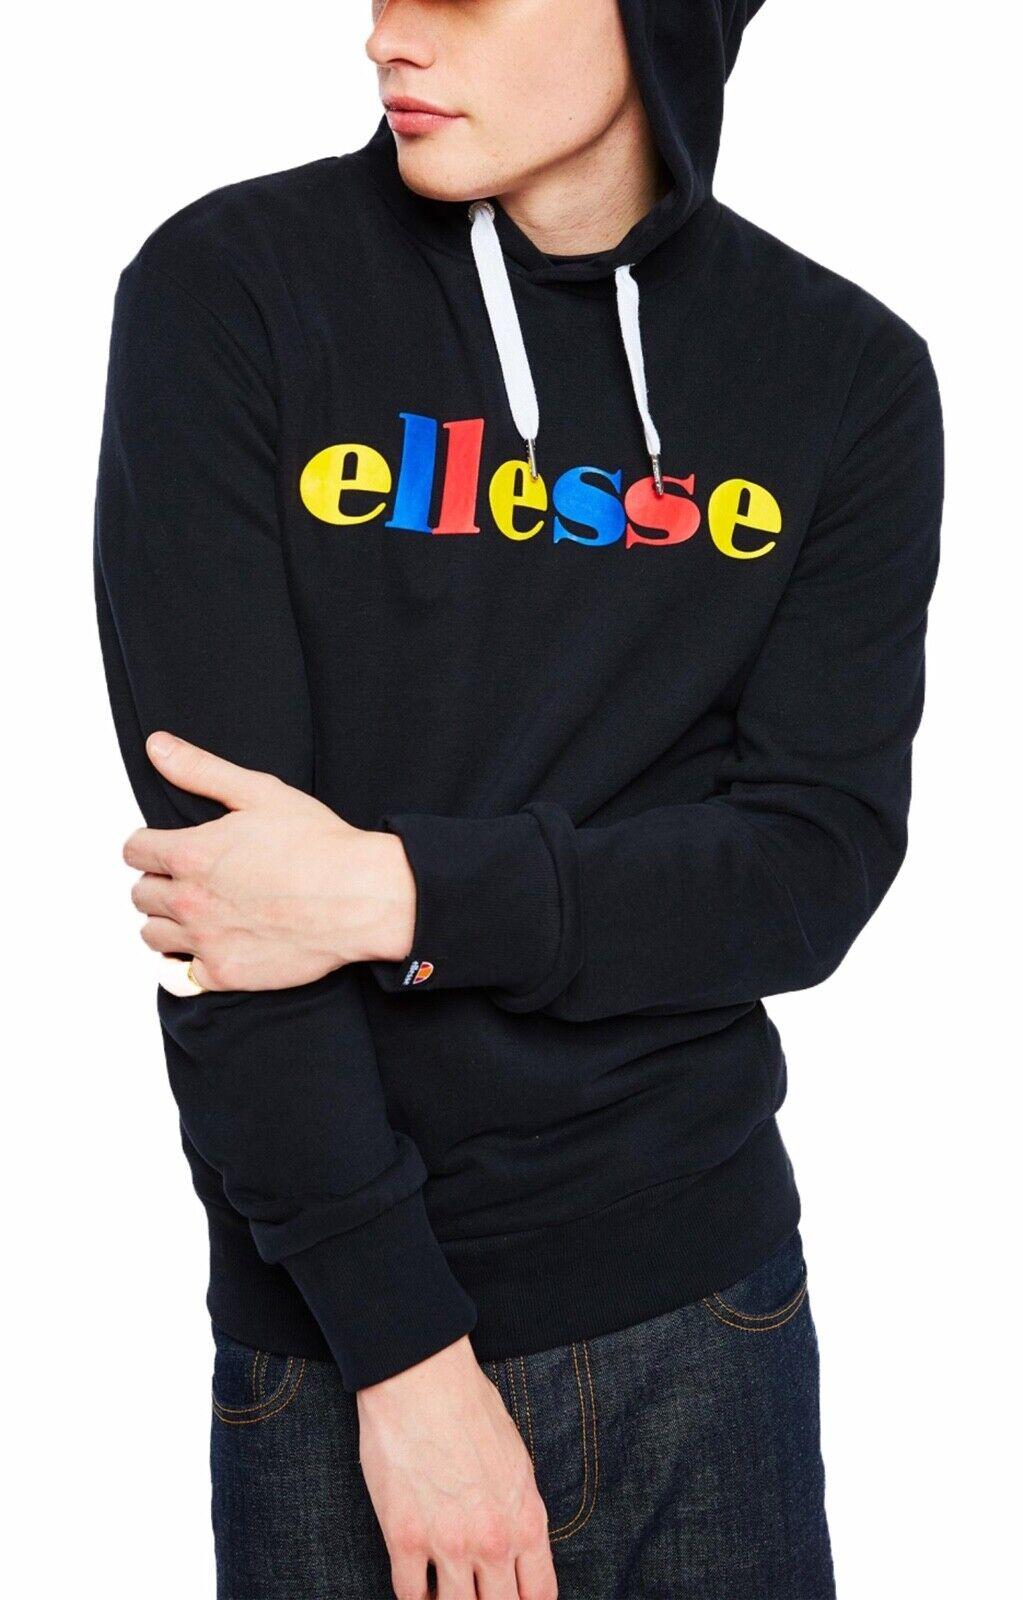 Ellesse Herren Gemeinkosten Norare Logo schweißhemd Top mit Kapuze Schwarz Kapuze